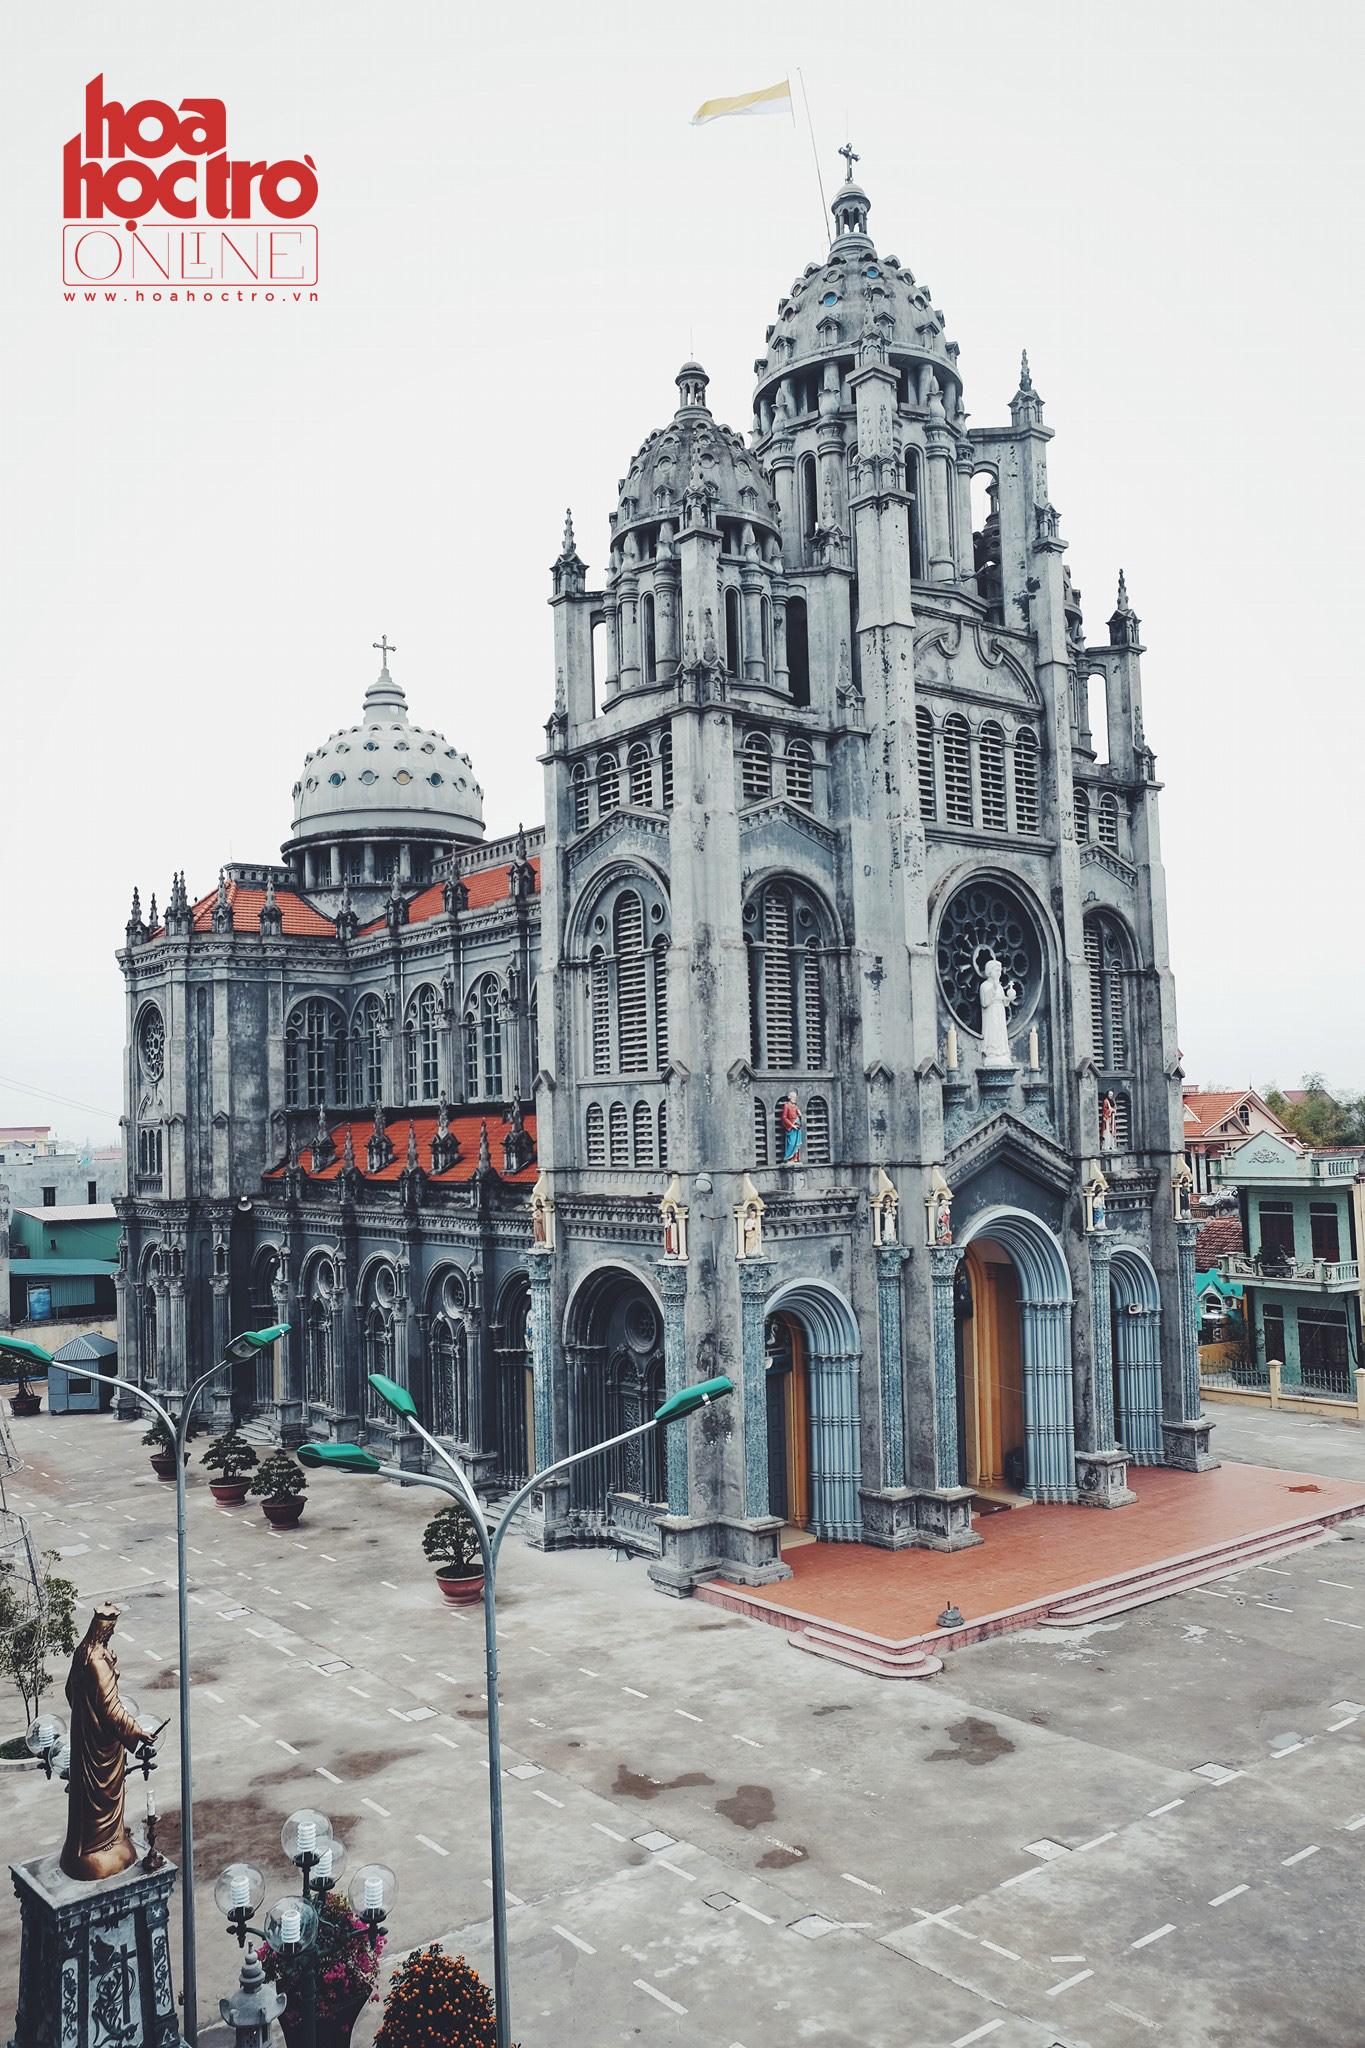 Nhìn từ xa, nhà thờ nổi bần bật với kiến trúc cầu kỳ và đồ sộ.